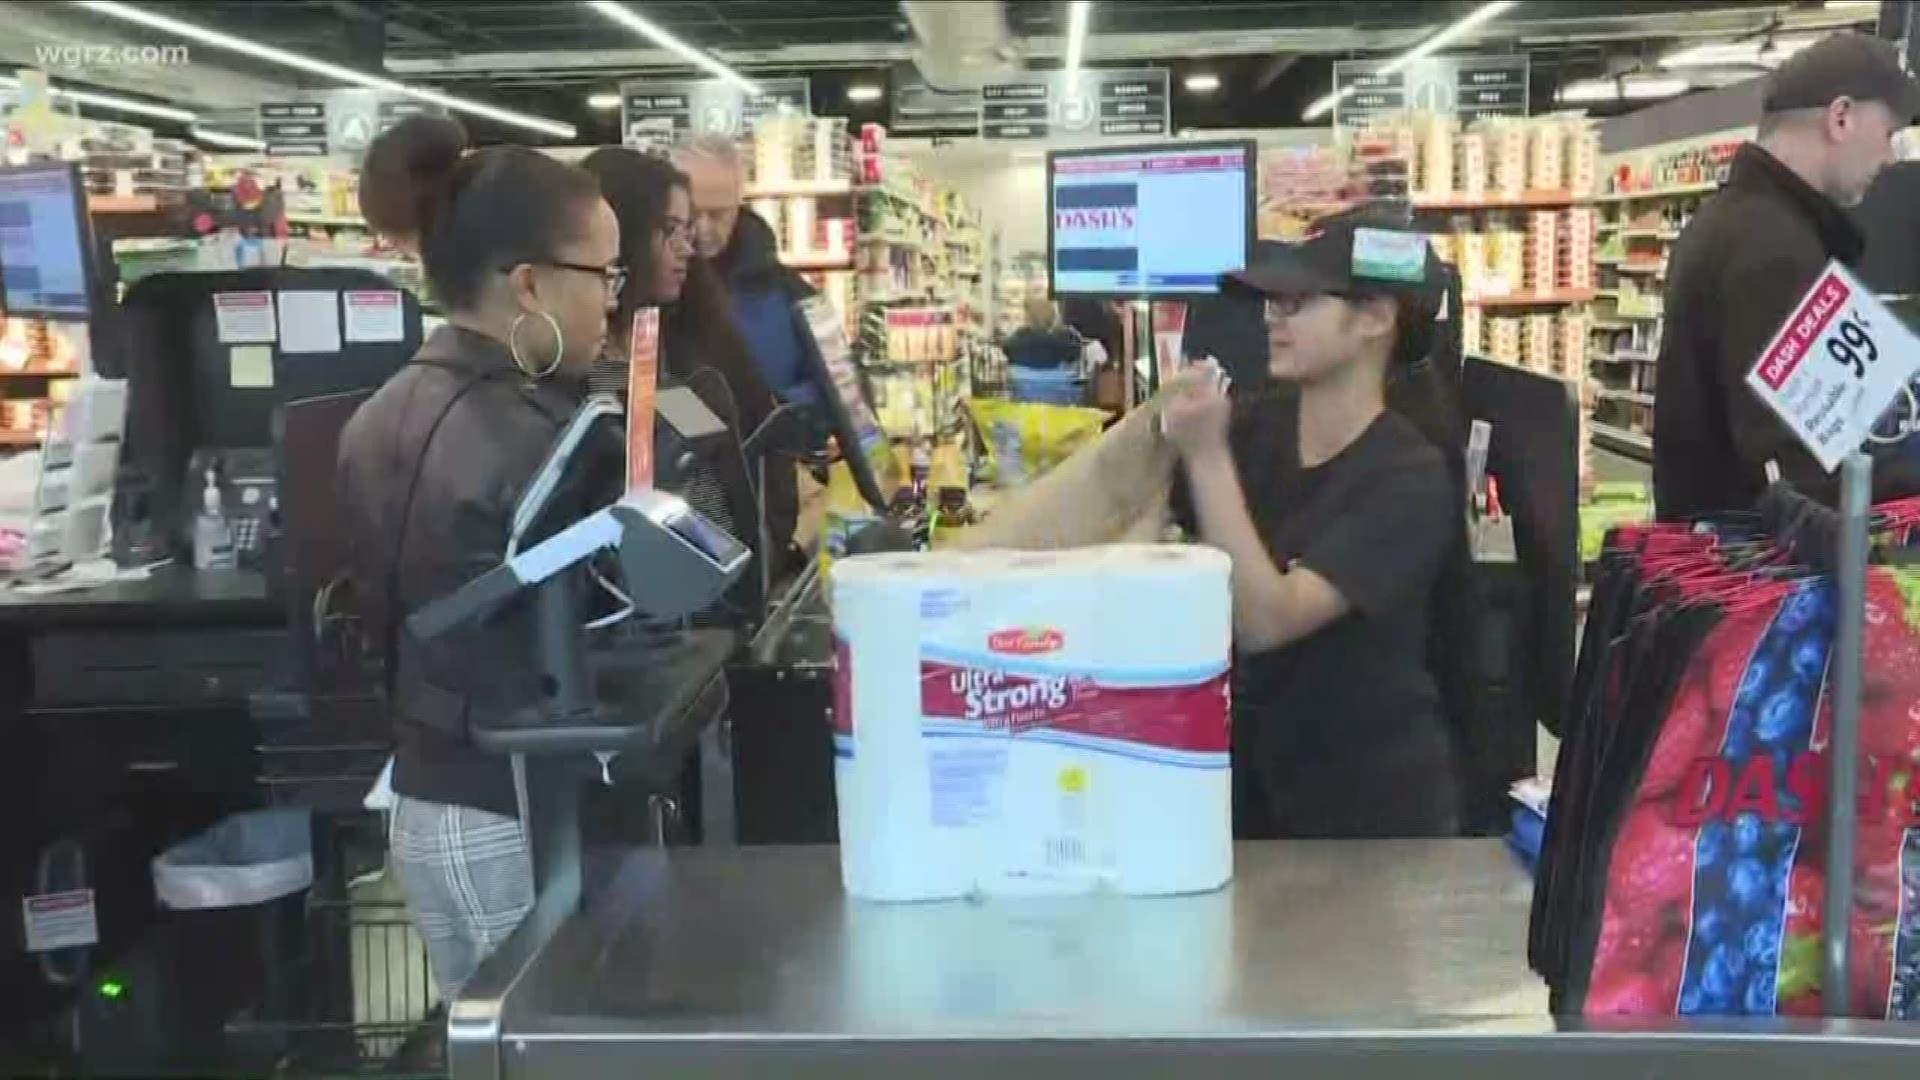 Trabajadores latinos de supermercados dicen sentirse vulnerables e inquietos ante la derogación del uso de los cubre bocas en sus estados. Foto: https://www.wgrz.com.